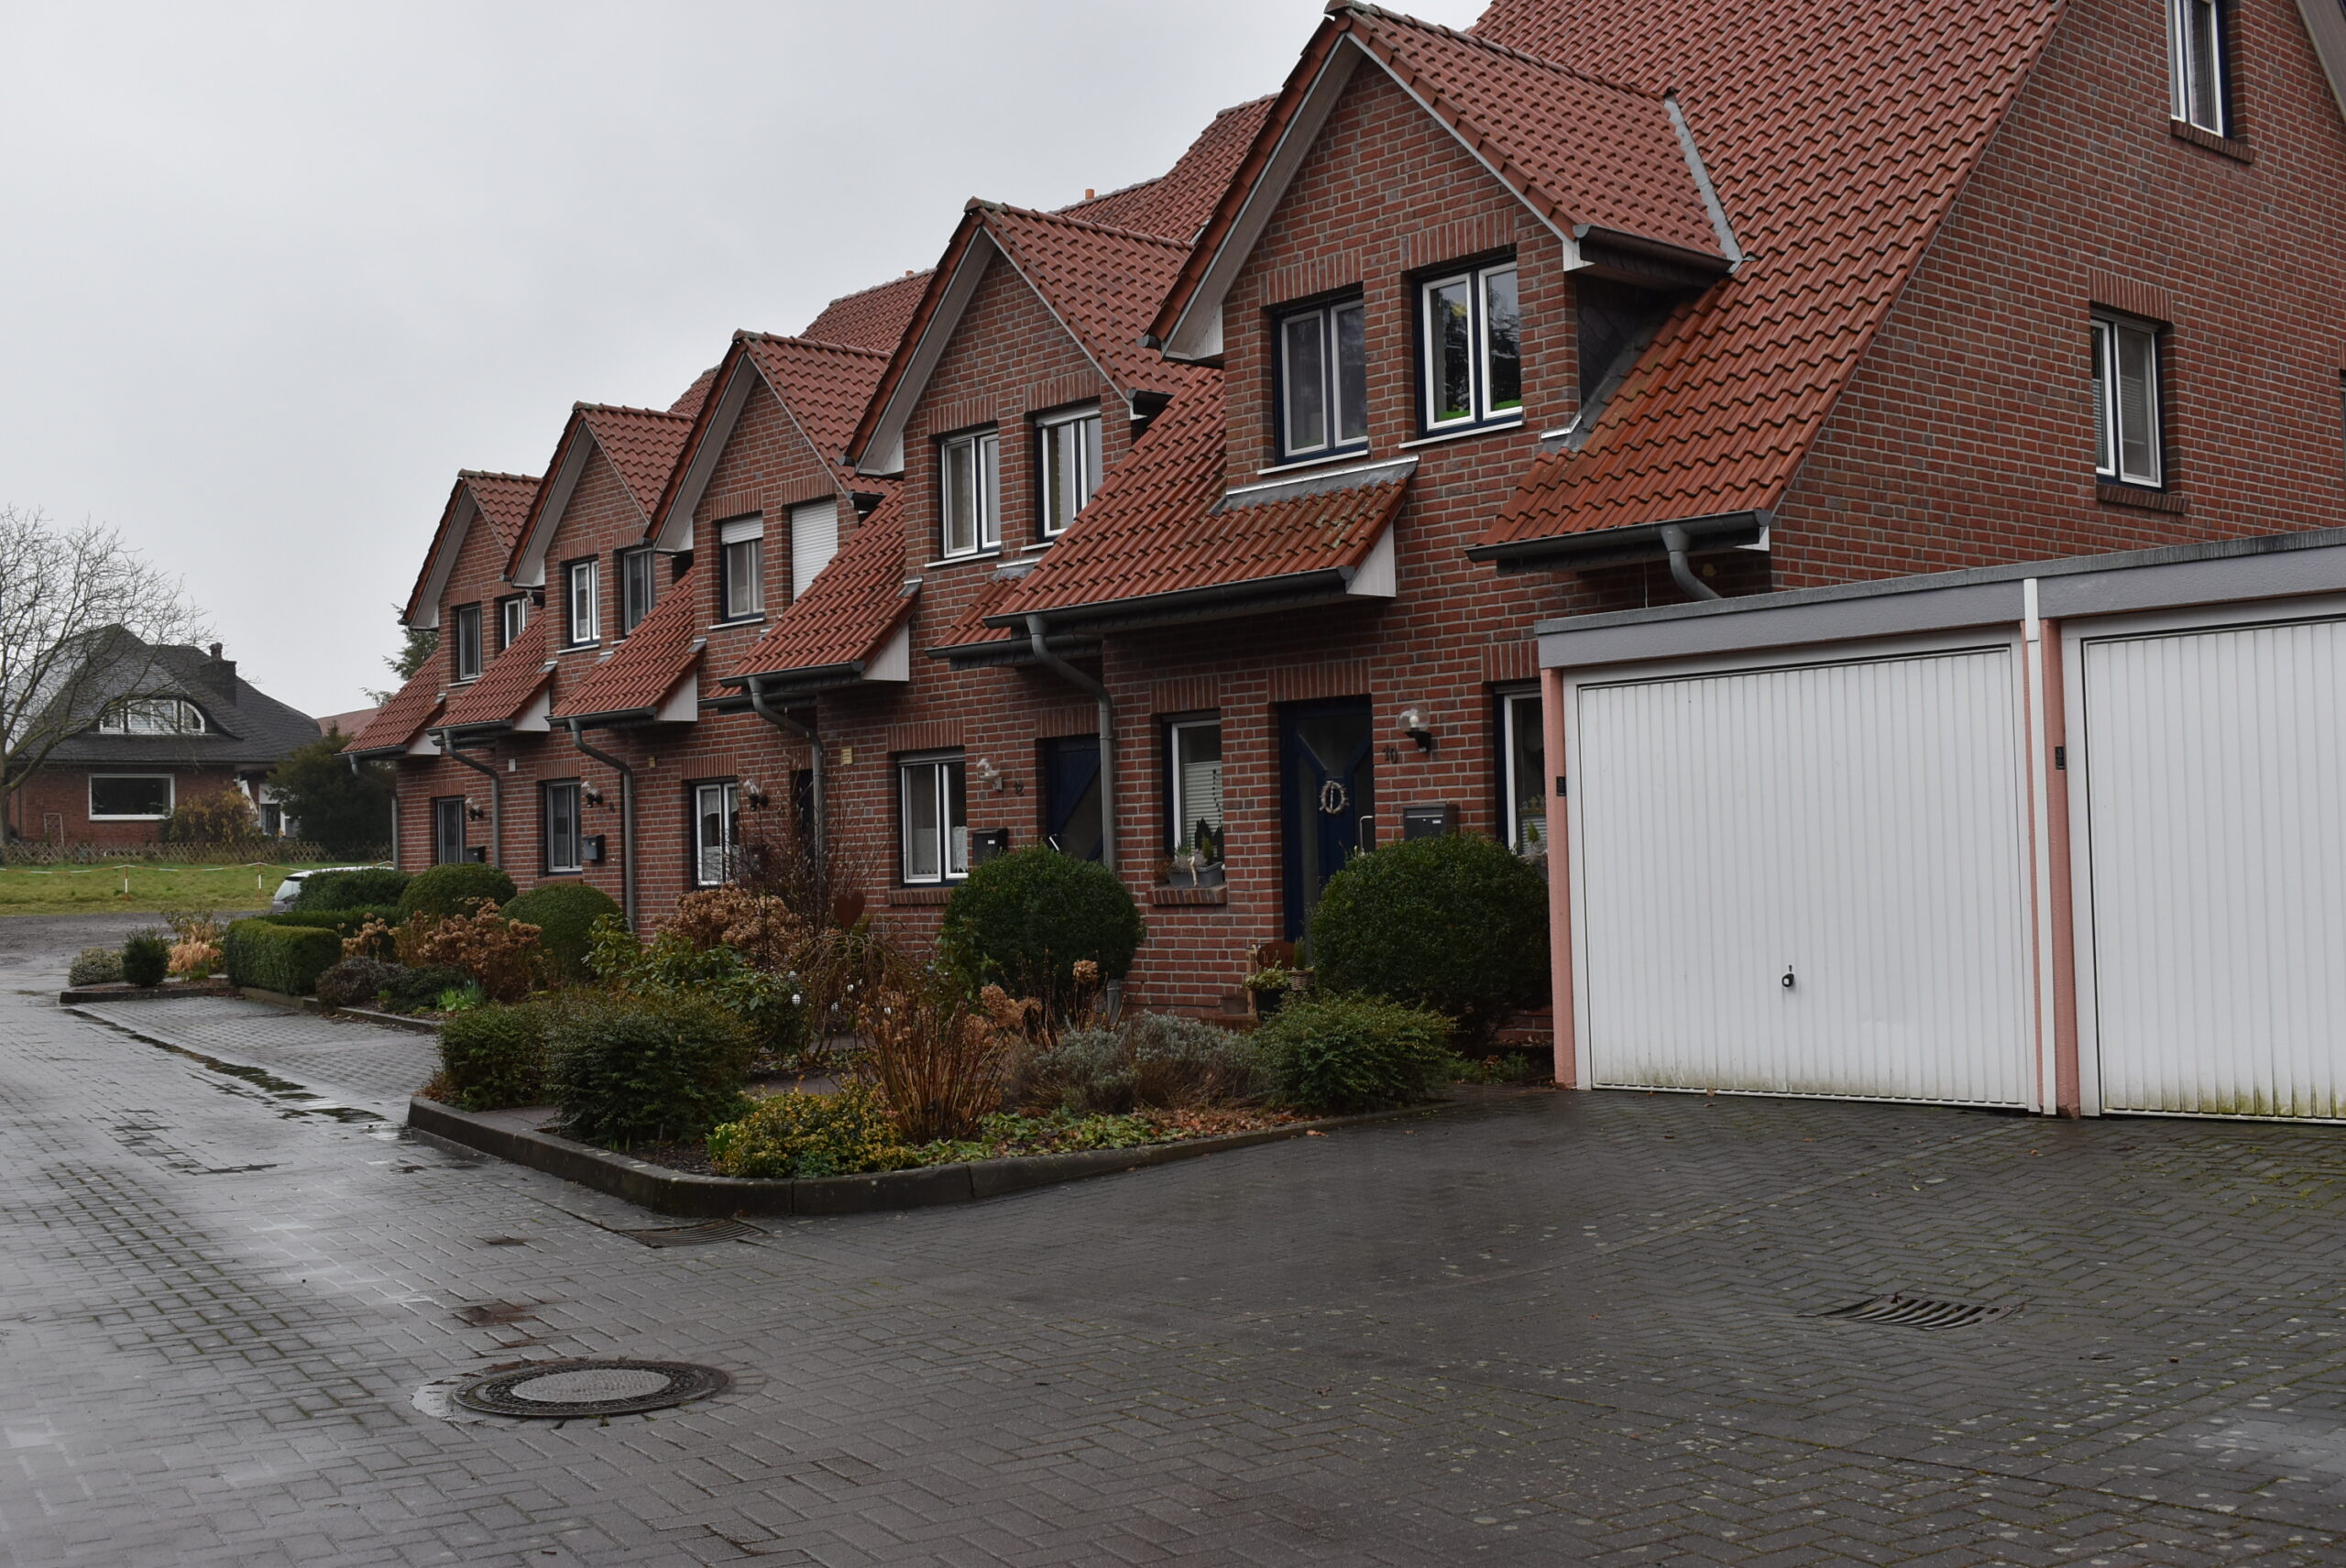 Rund um dieses Reihenhaus entstehen vier Gebäude mit insgesamt 32 Wohnungen. Foto: Gemeinde Hille